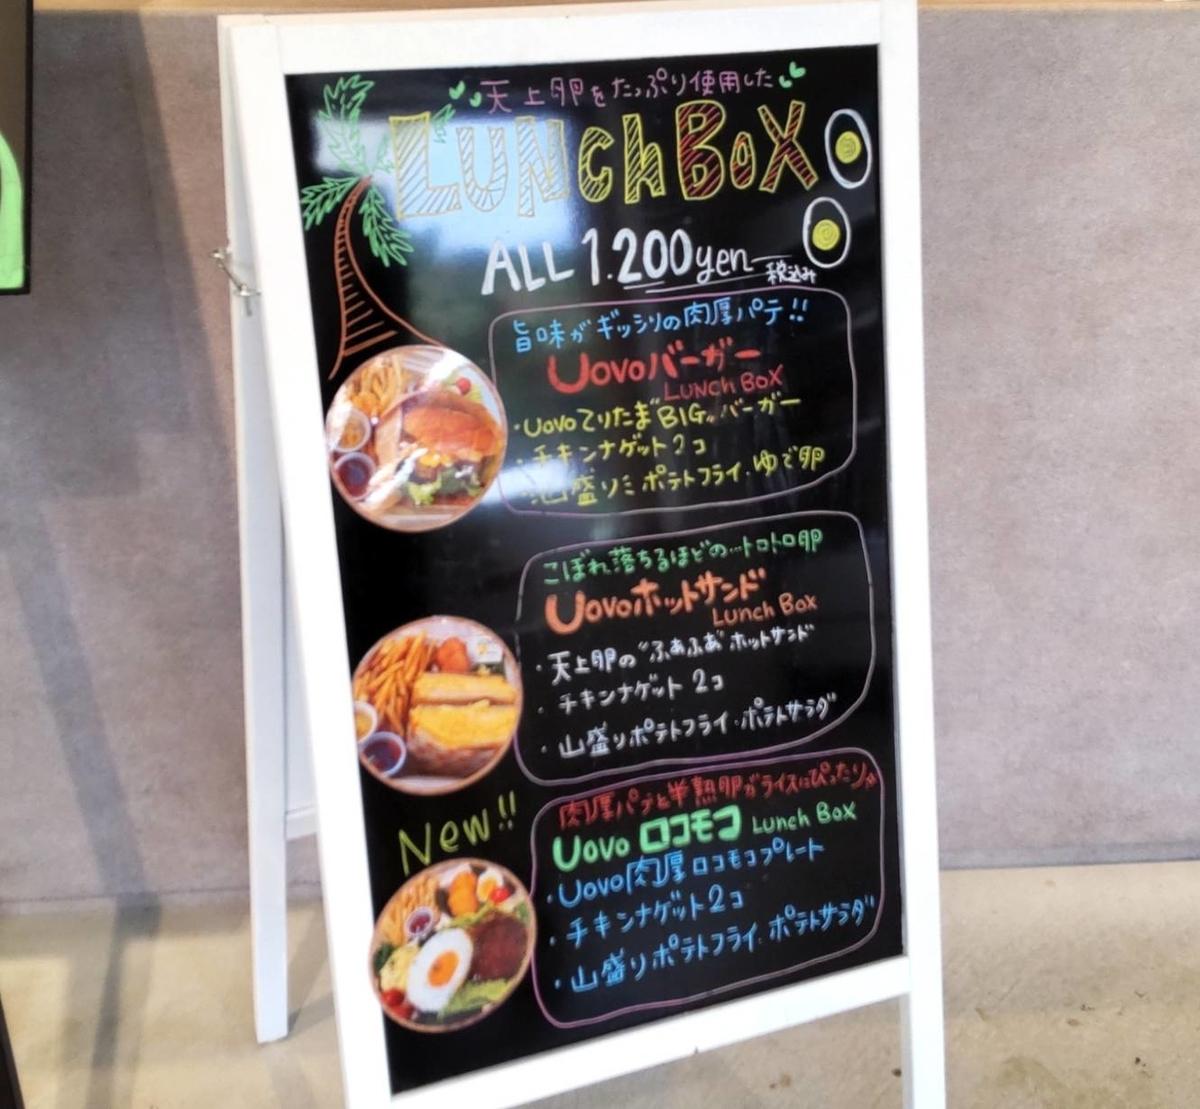 糸島ファームハウス UOVO ランチボックス メニュー 値段 口コミ